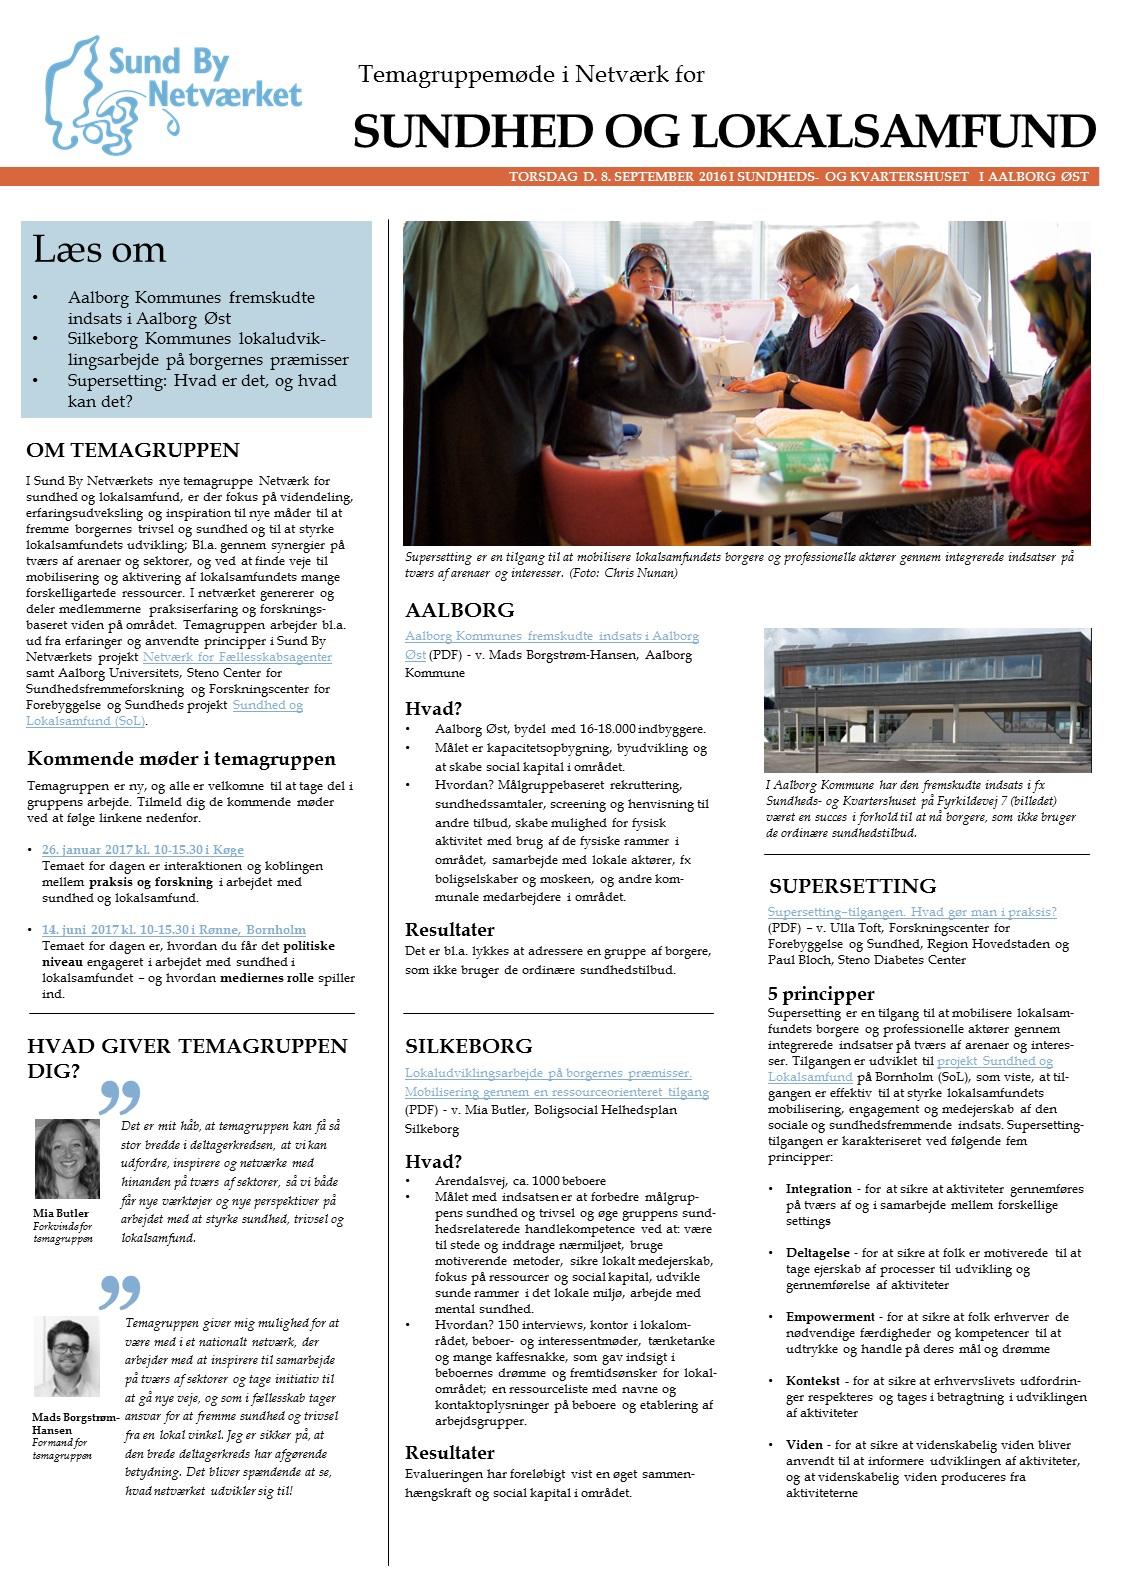 200916 Temagruppemøde Sundhed og lokalsamfund